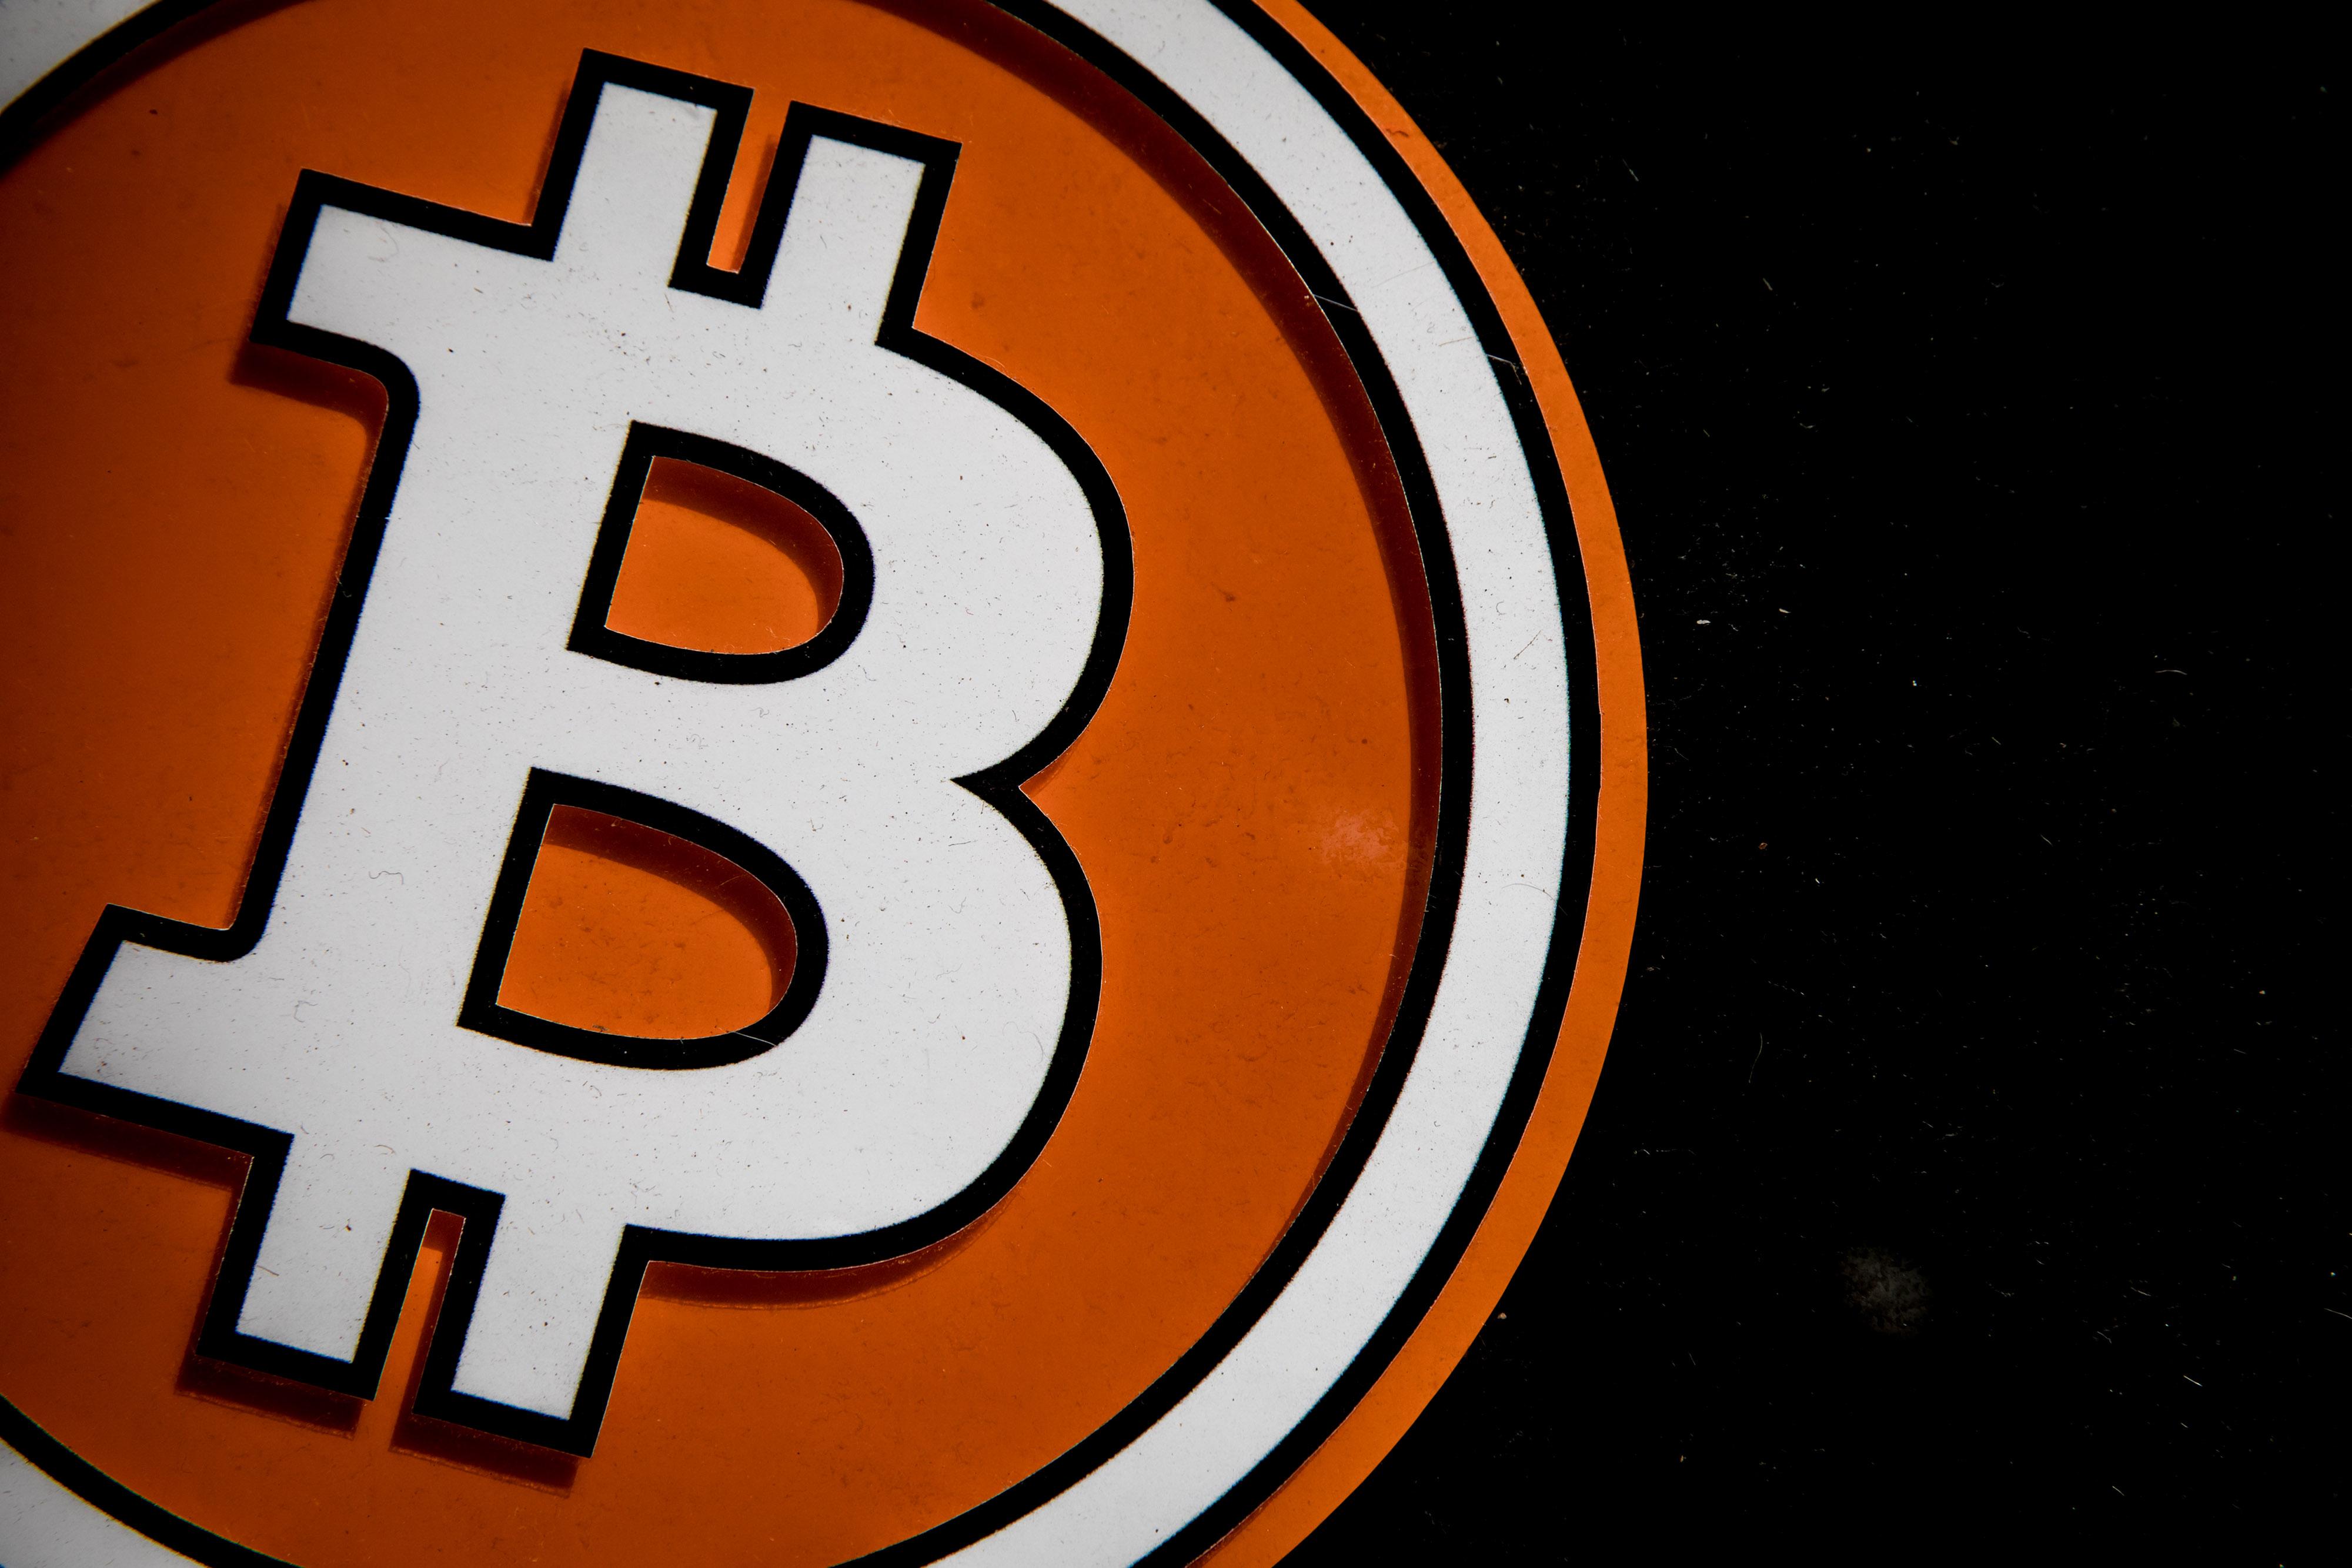 L'enthousiasme de la crypto-monnaie augmente les enjeux pour les régulateurs.